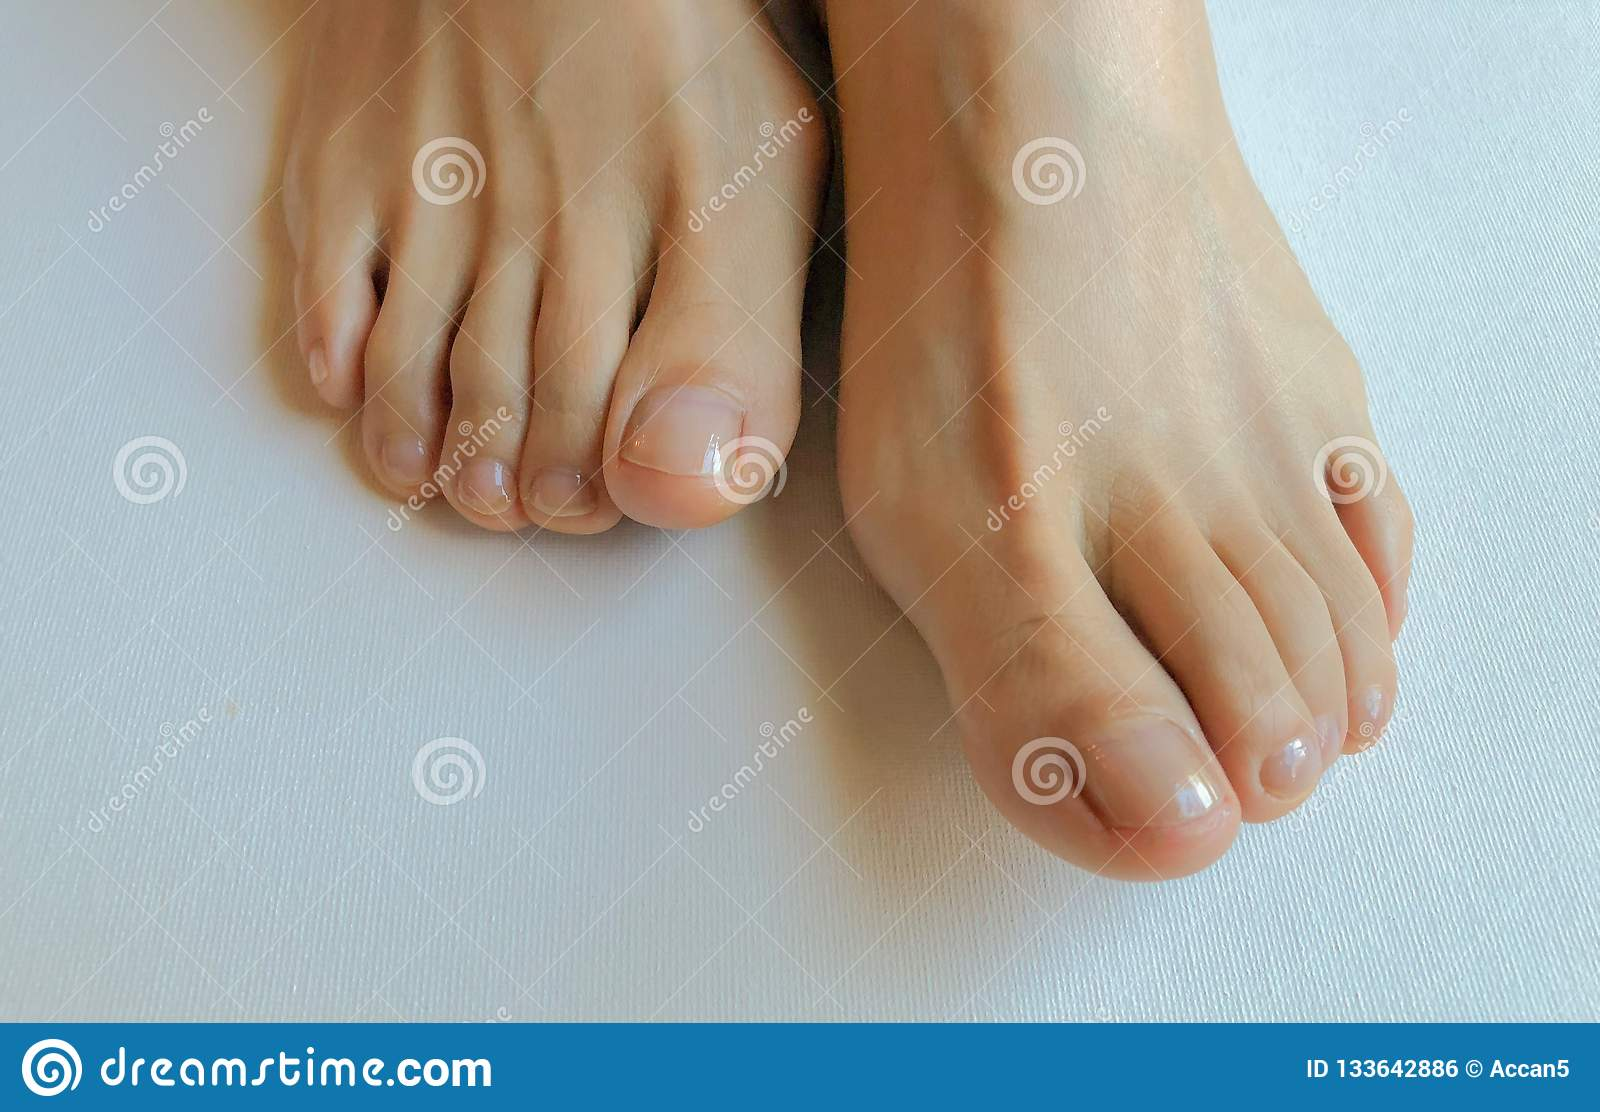 вообще лезу фото крупным планом пальцев ног девушек понимали